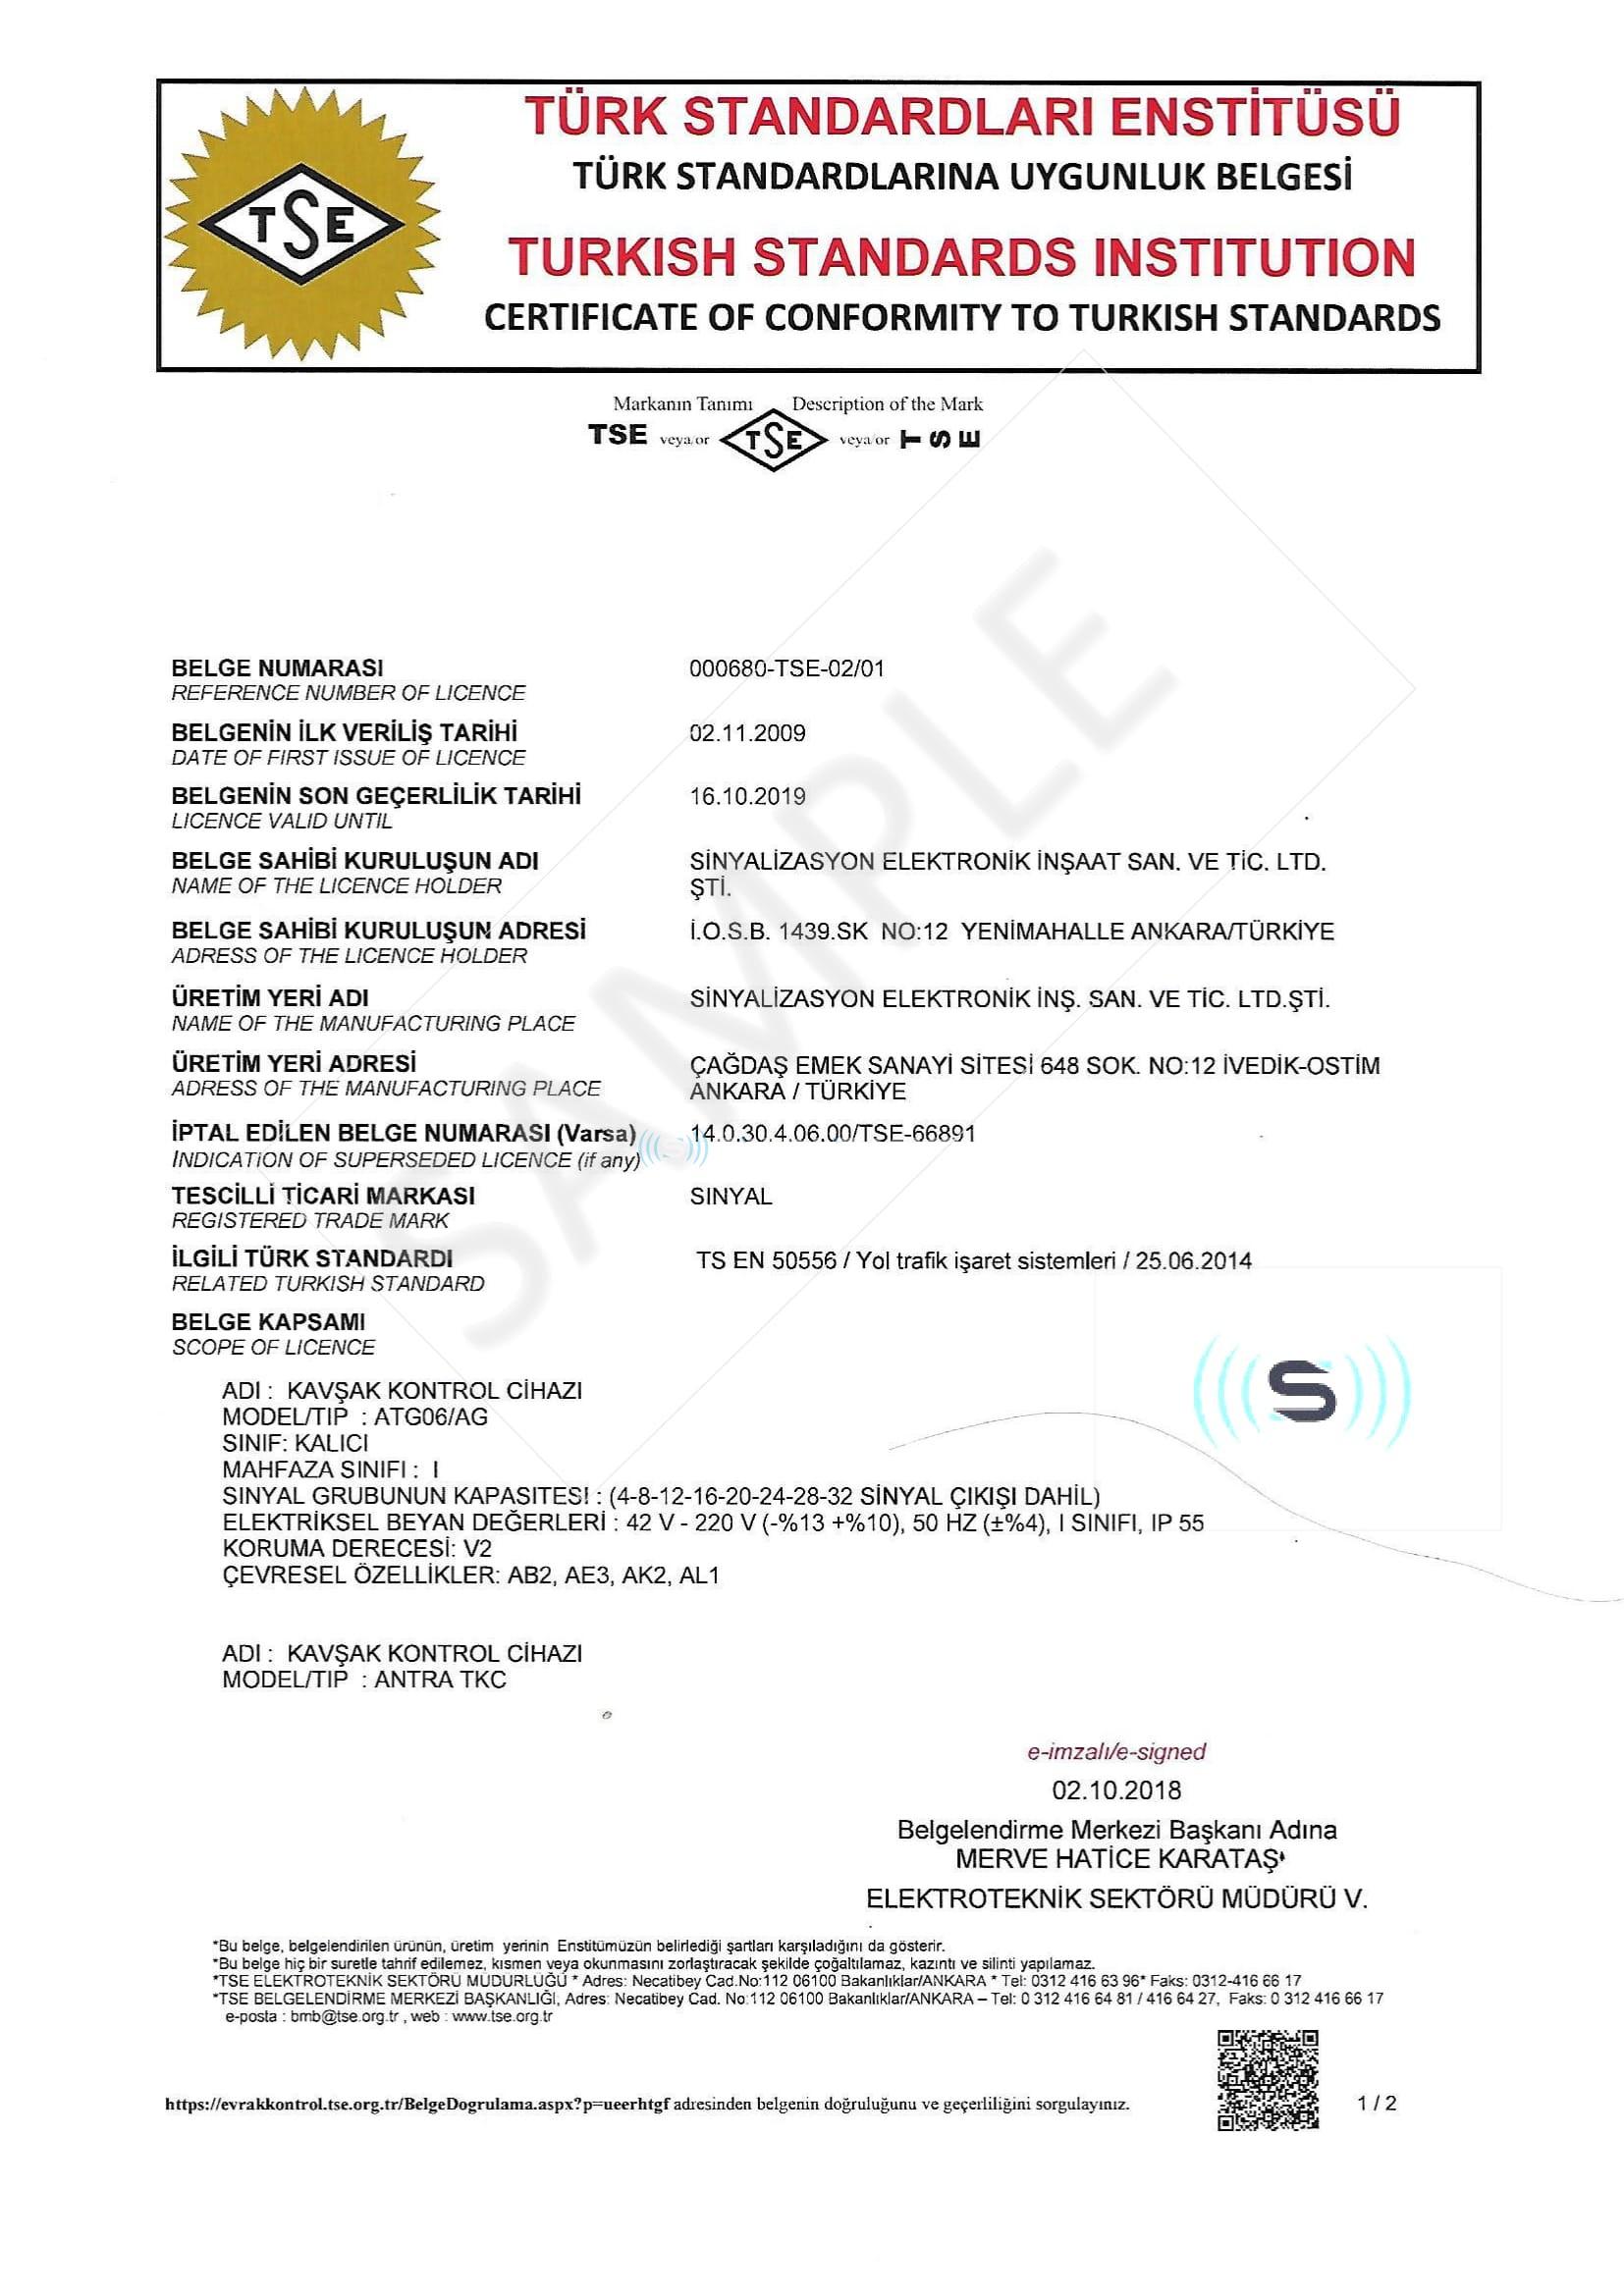 TSE 50556